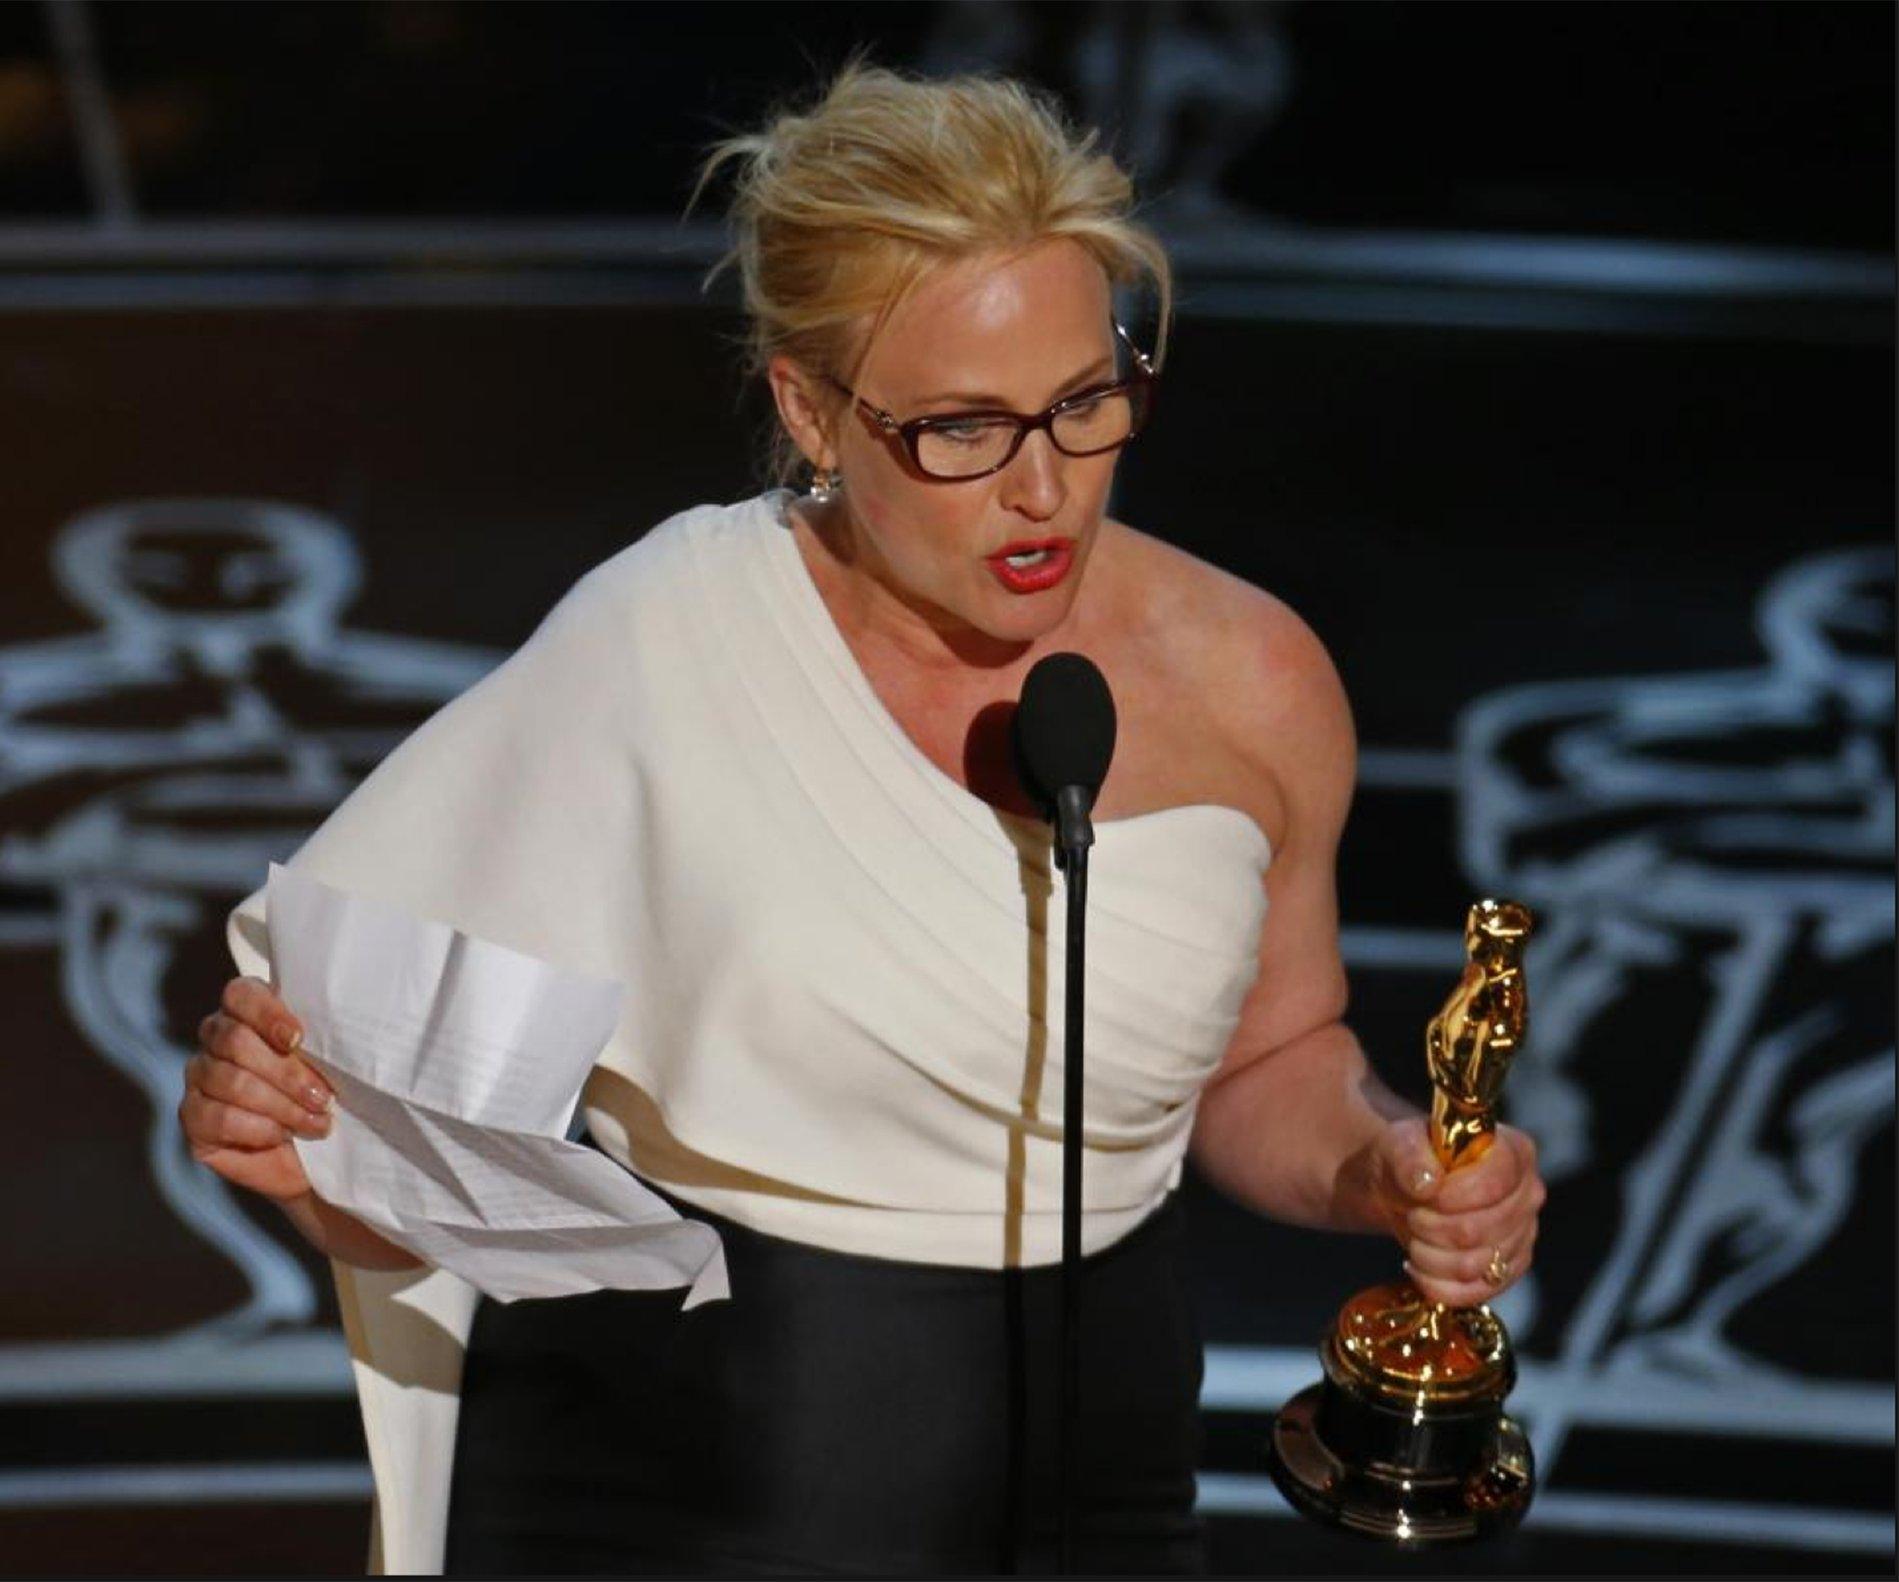 Para todas las mujeres que hayan dado a luz, para todos los que  pagan sus impuestos y para cada ciudadano de esta nación, hemos luchado  para que todos los demás tengan los mismos derechos. Es tiempo de que  nosotras tengamos equidad salarial, de que haya igualdad de derechos  para las mujeres en Estados Unidos, de una vez por todas.Patricia Arquette, mejor actriz de reparto de 2015 por Boyhood